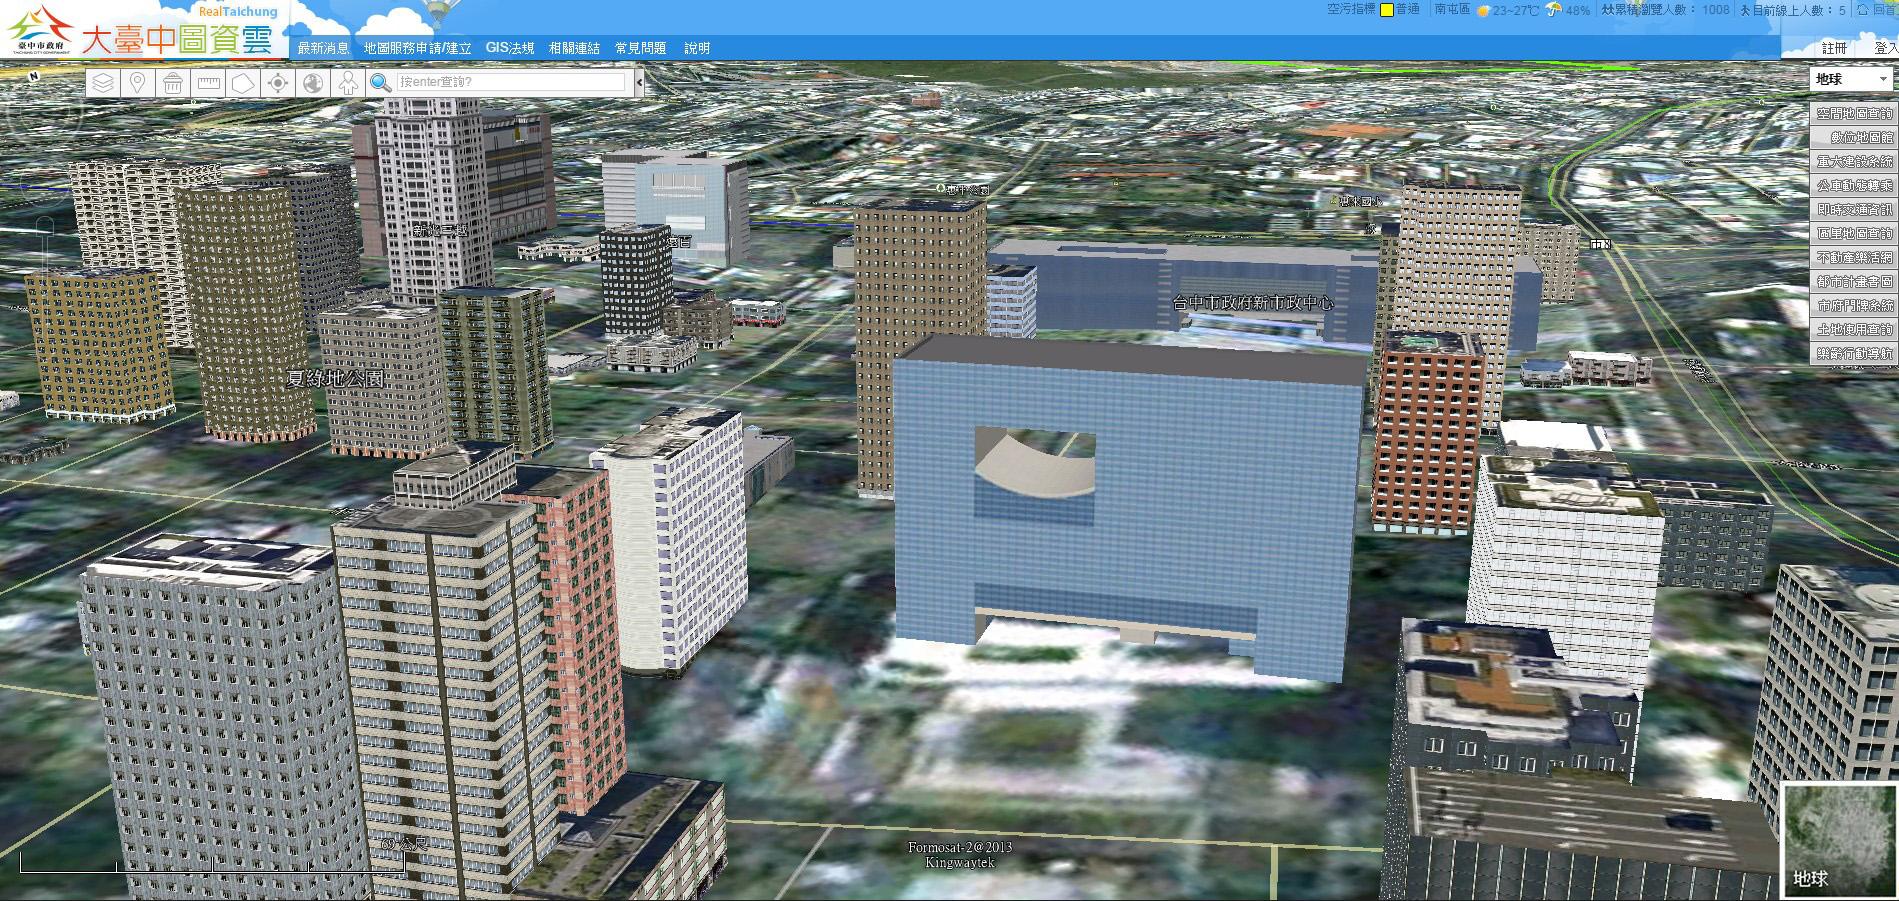 智慧政府治理新契機  結合大數據 大臺中圖資雲顯示新服務 臺中市政府